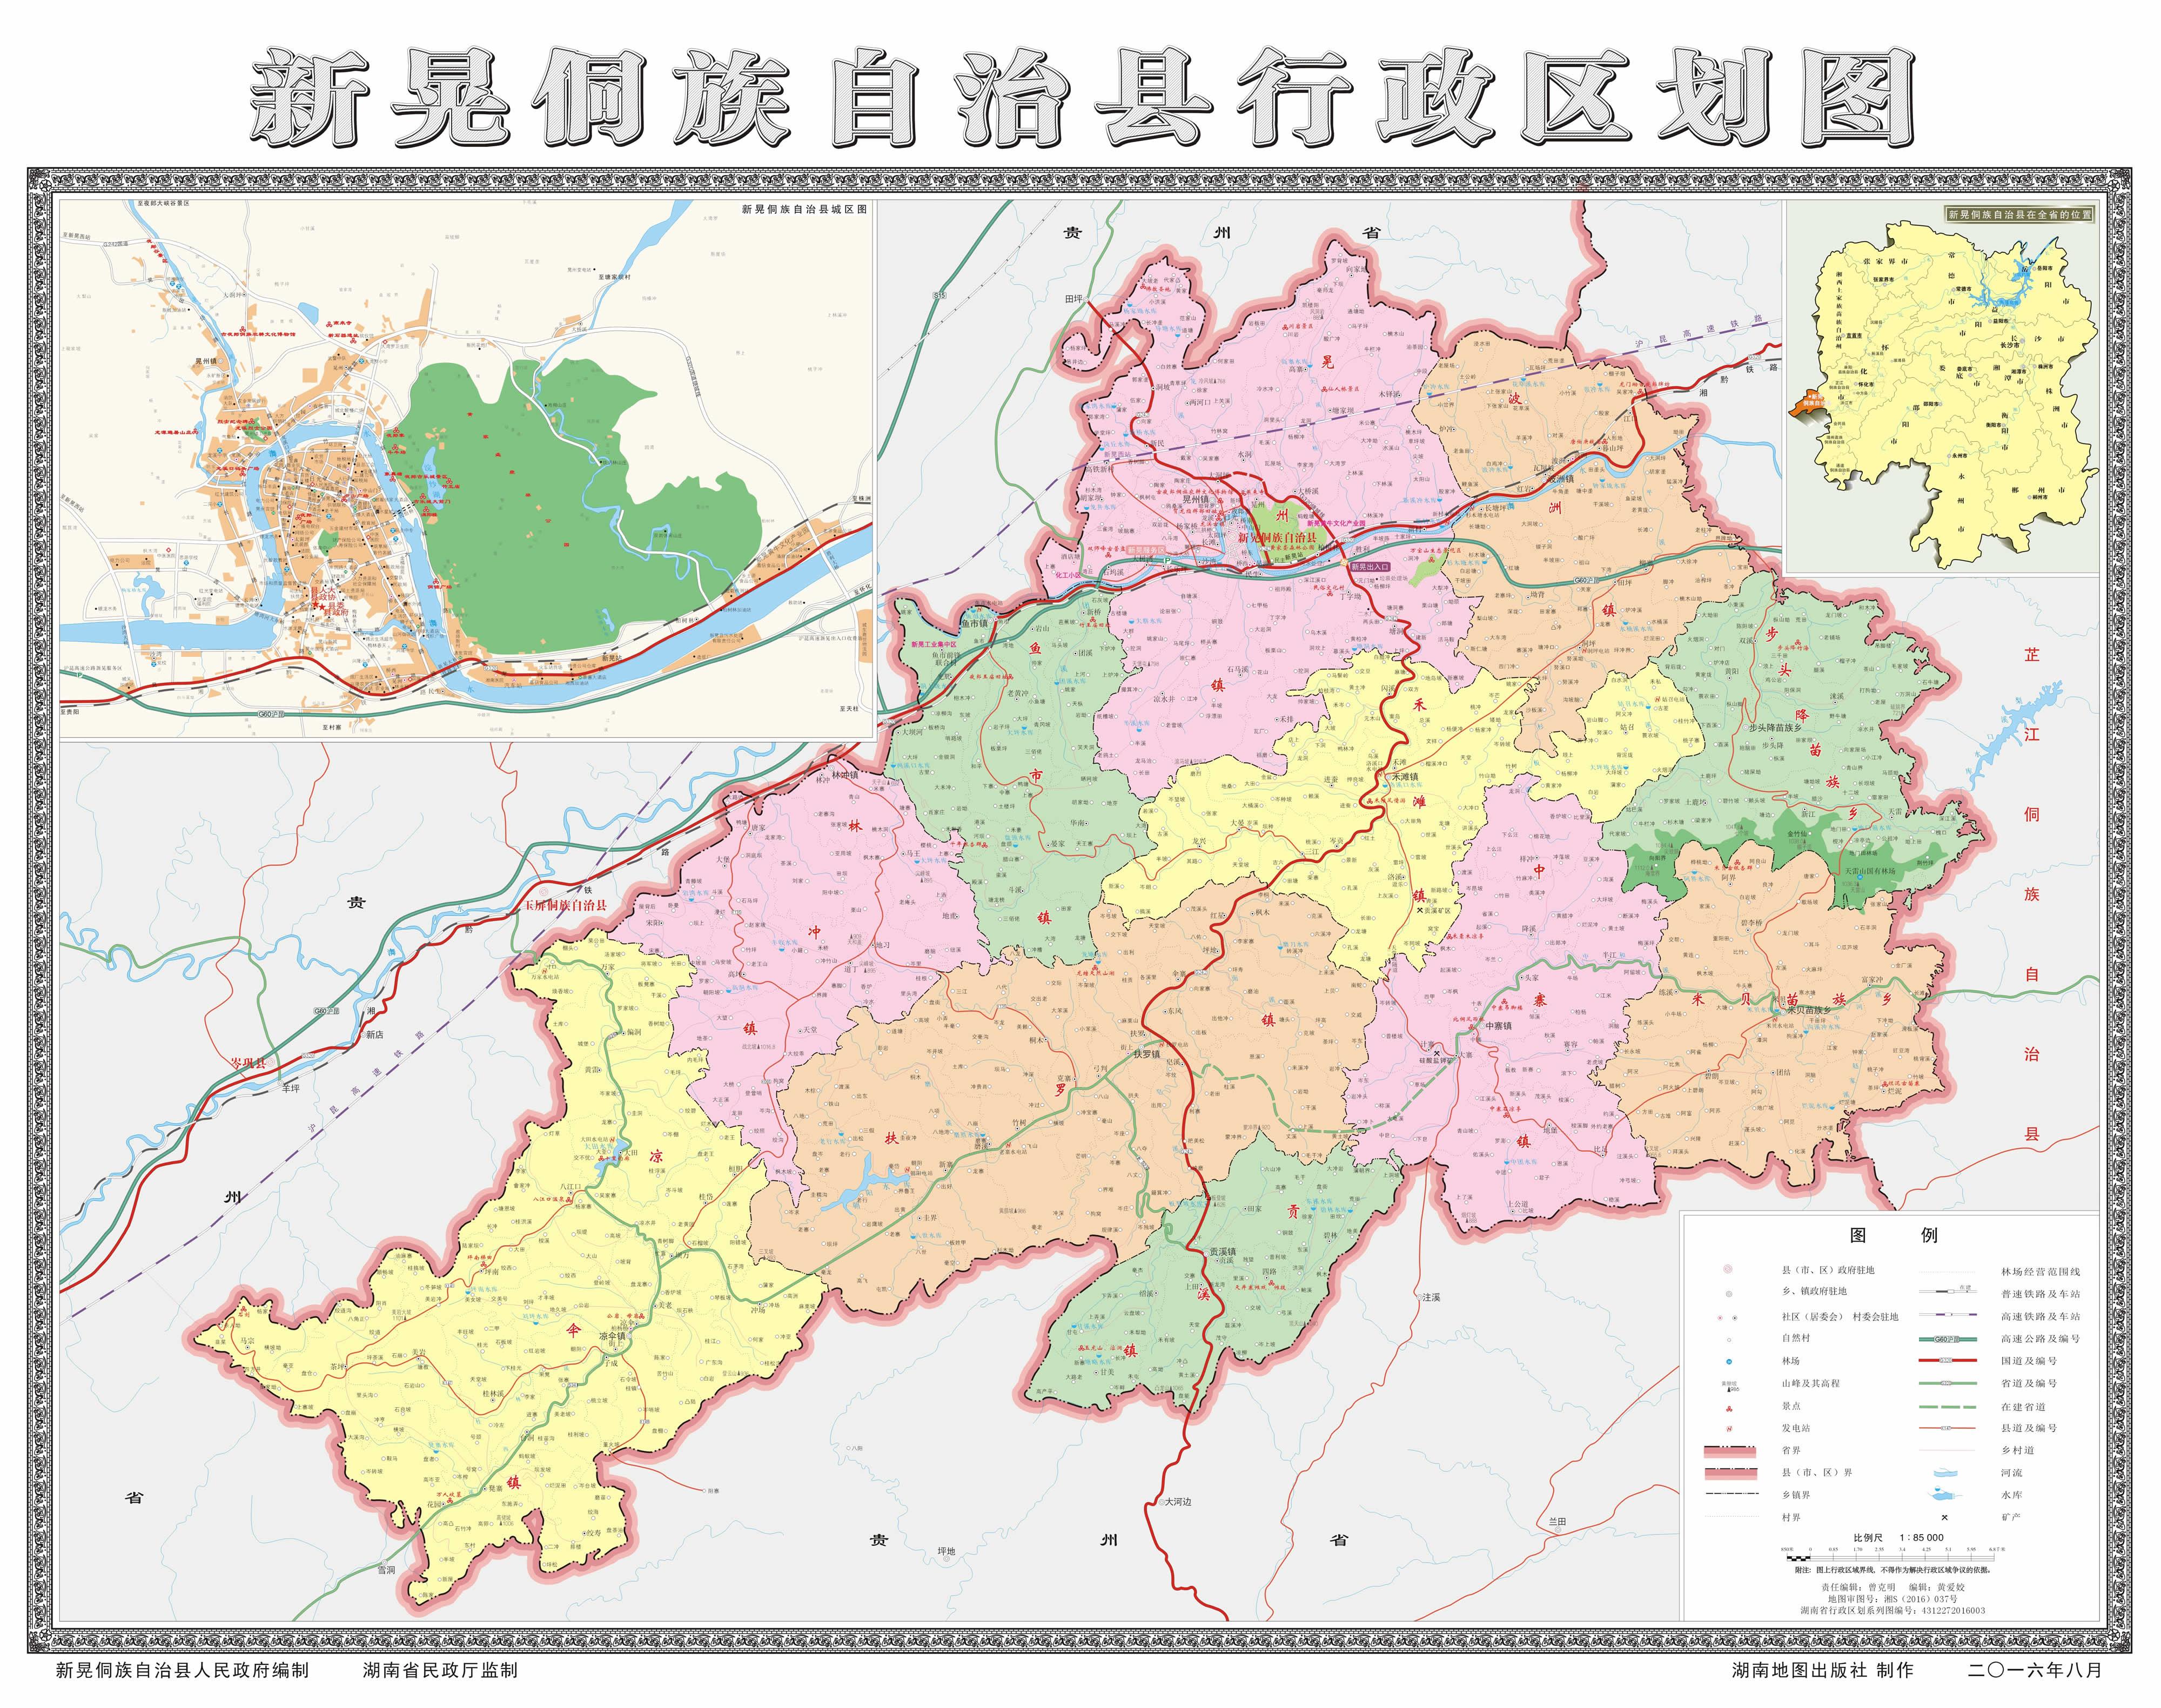 新晃侗族自治县国民经济和社会发展  第十三个五年规划纲要